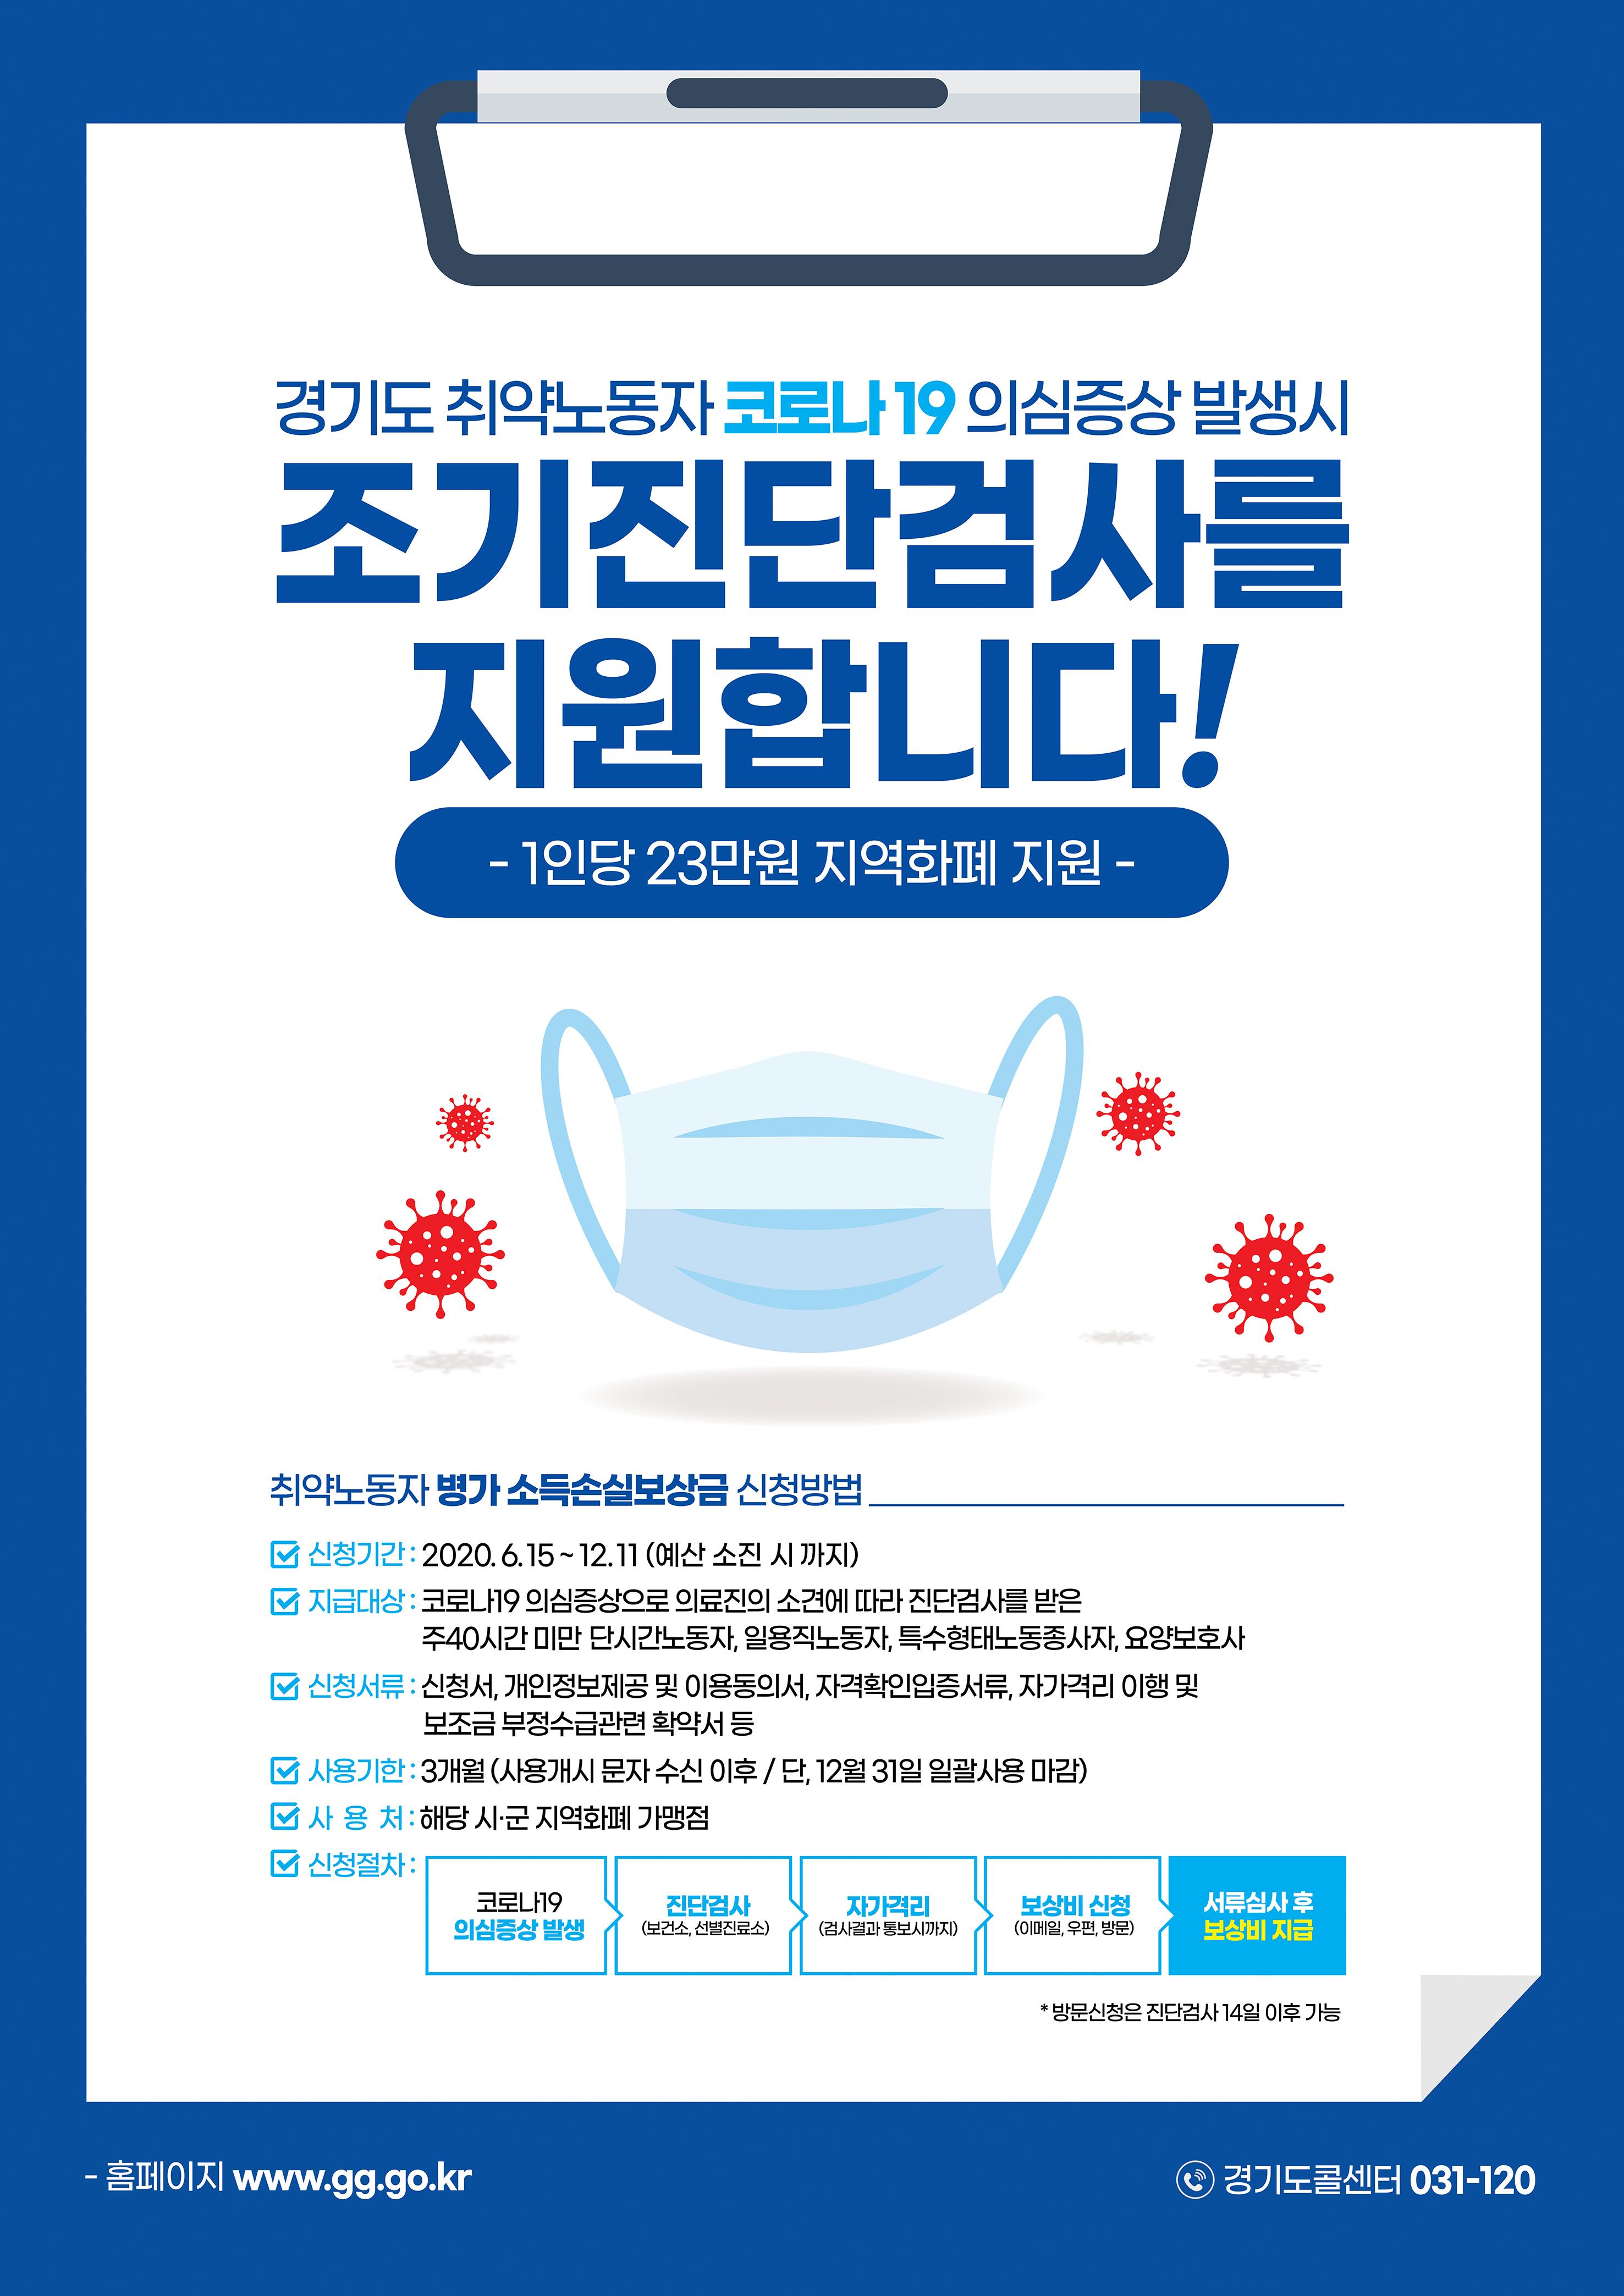 경기도 취약노동자 코로나19 의심증상 발생시 조기진단검사를 지원합니다! 포스터